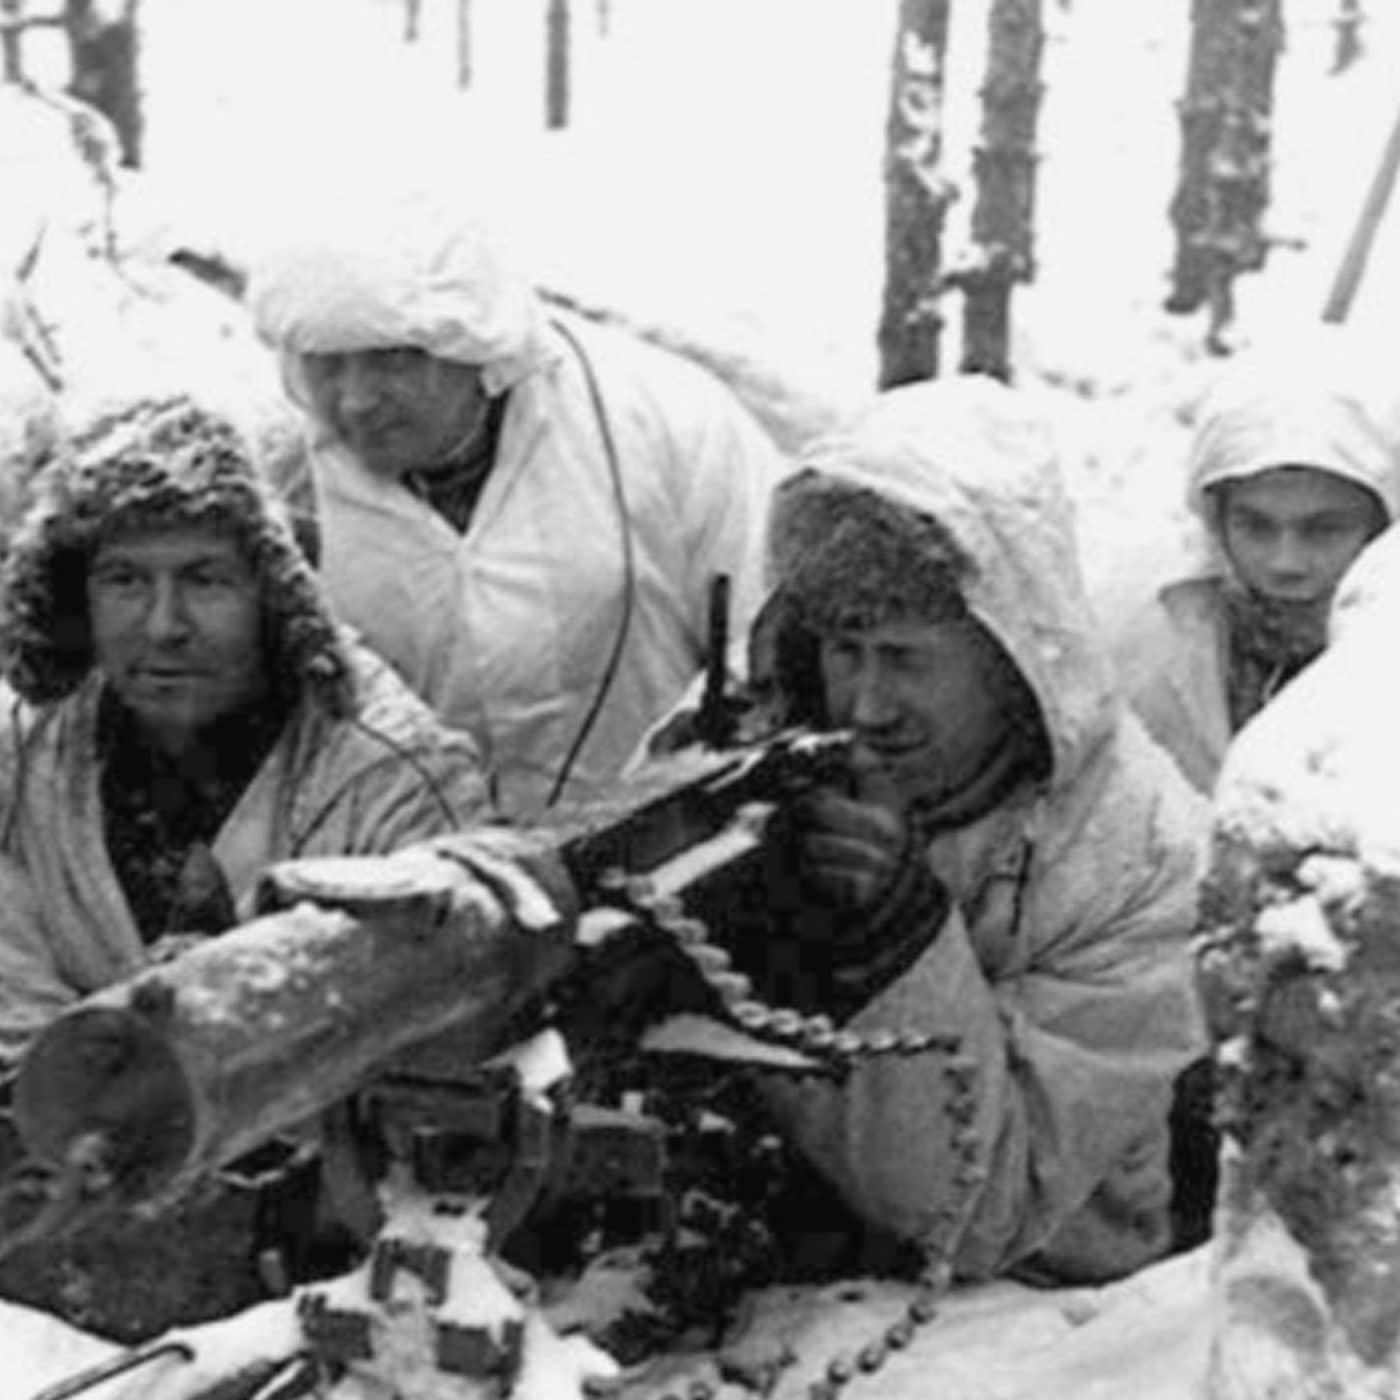 Andra världskriget - tysktågen, neutraliteten och Nordkalotten